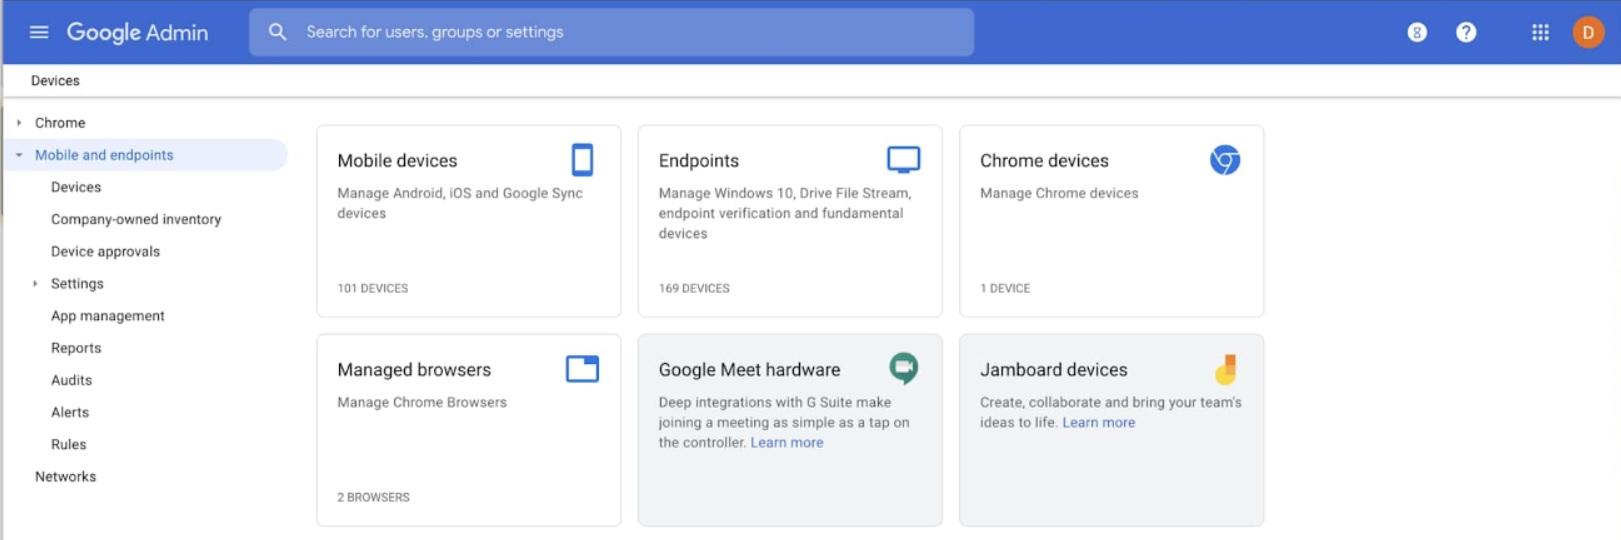 Se rediseñó la página de dispositivos en la consola de administración de G Suite (Google).